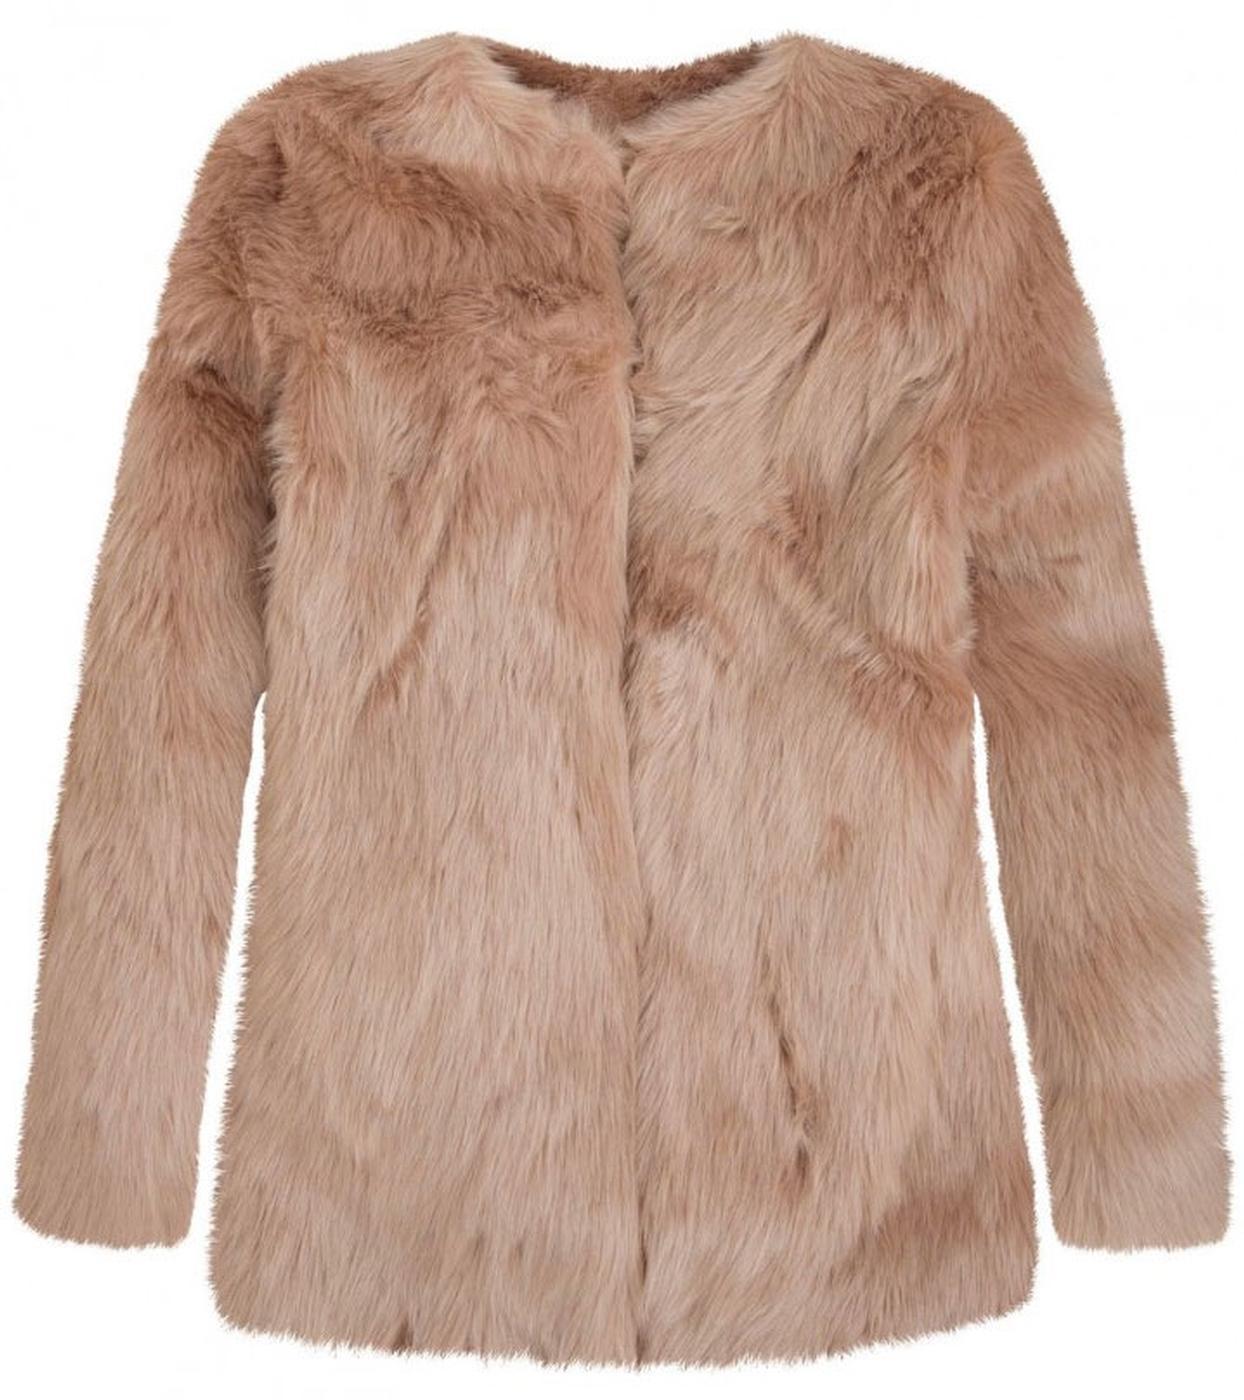 Franklin ANDY WARHOL Retro Vintage Faux Fur Coat